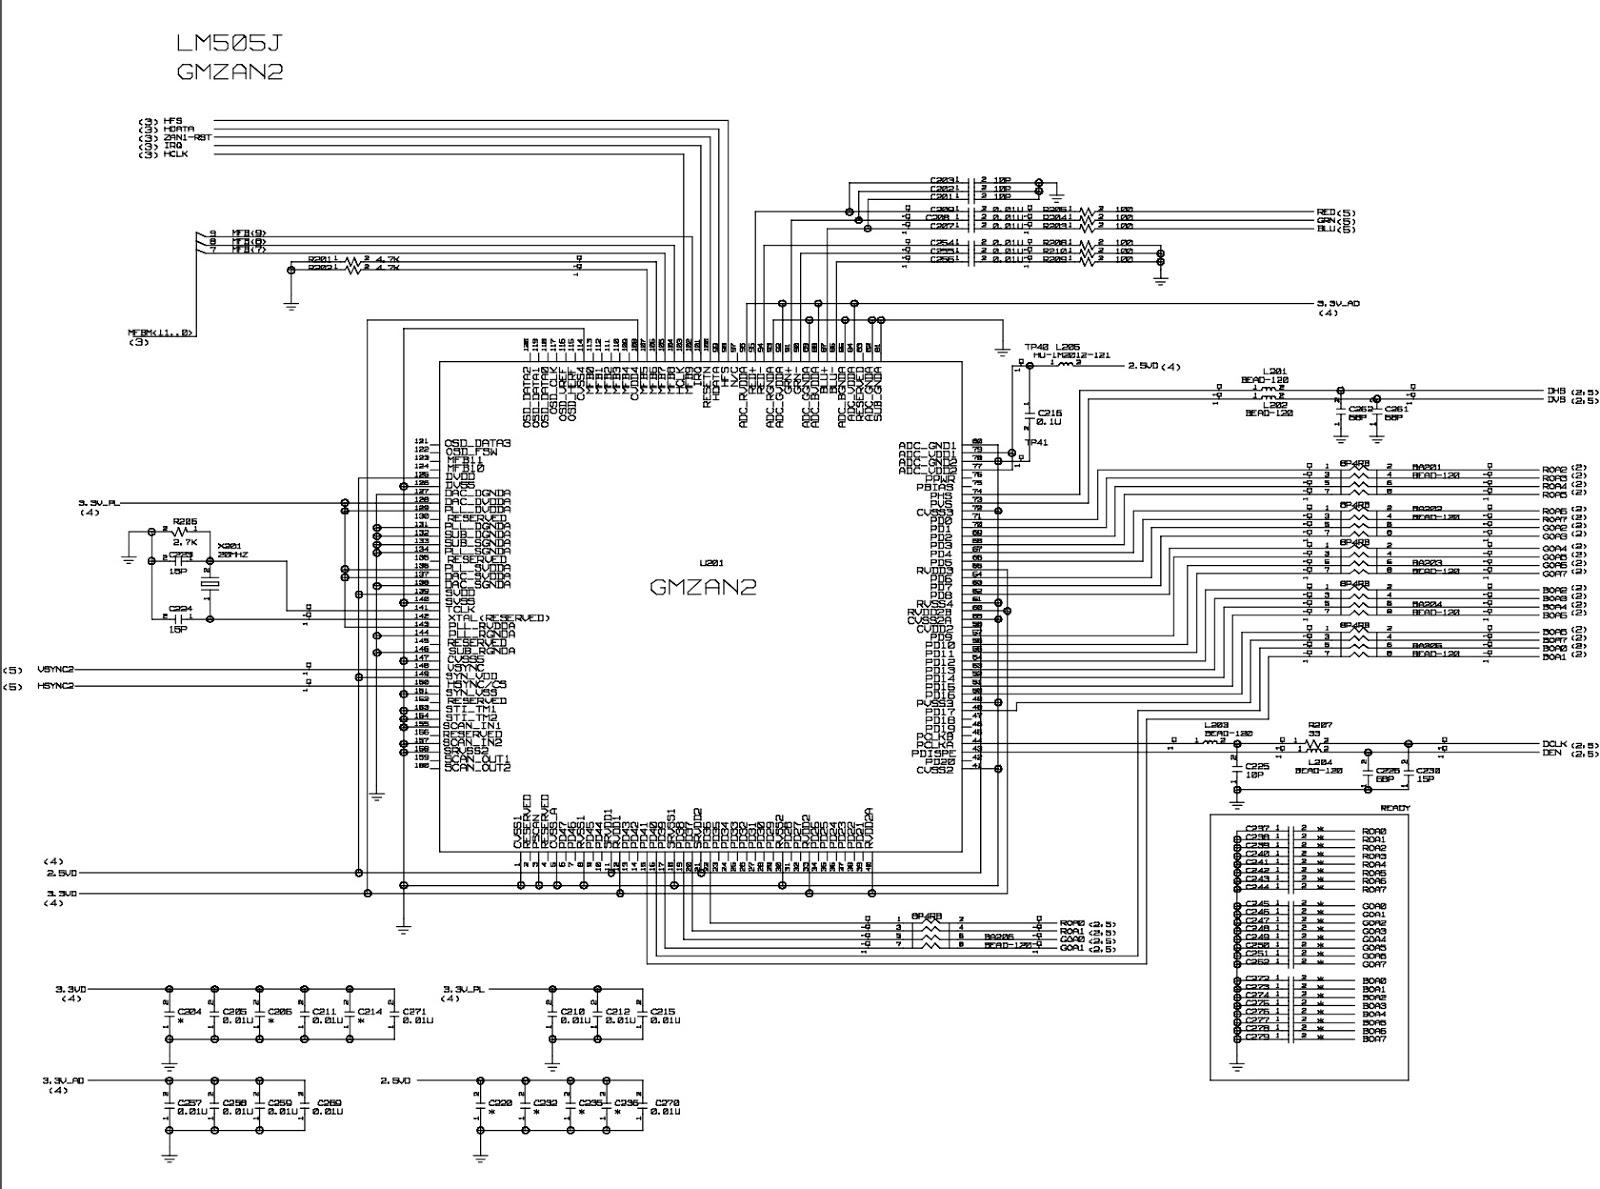 kib micro monitor wiring diagram